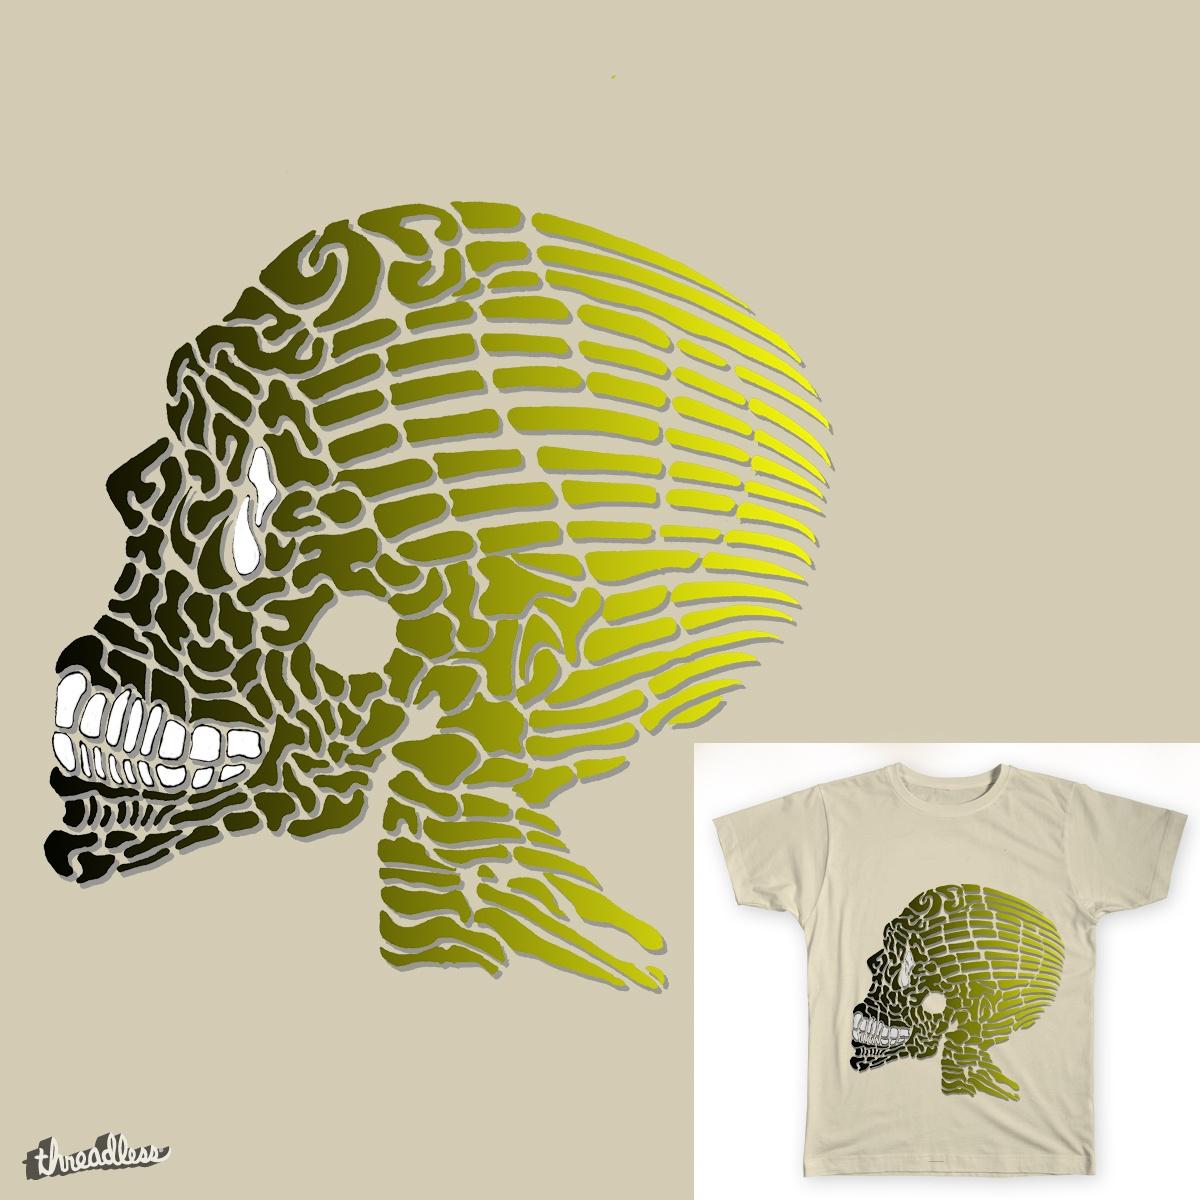 Gradient Skull by Javier_Mantilla on Threadless